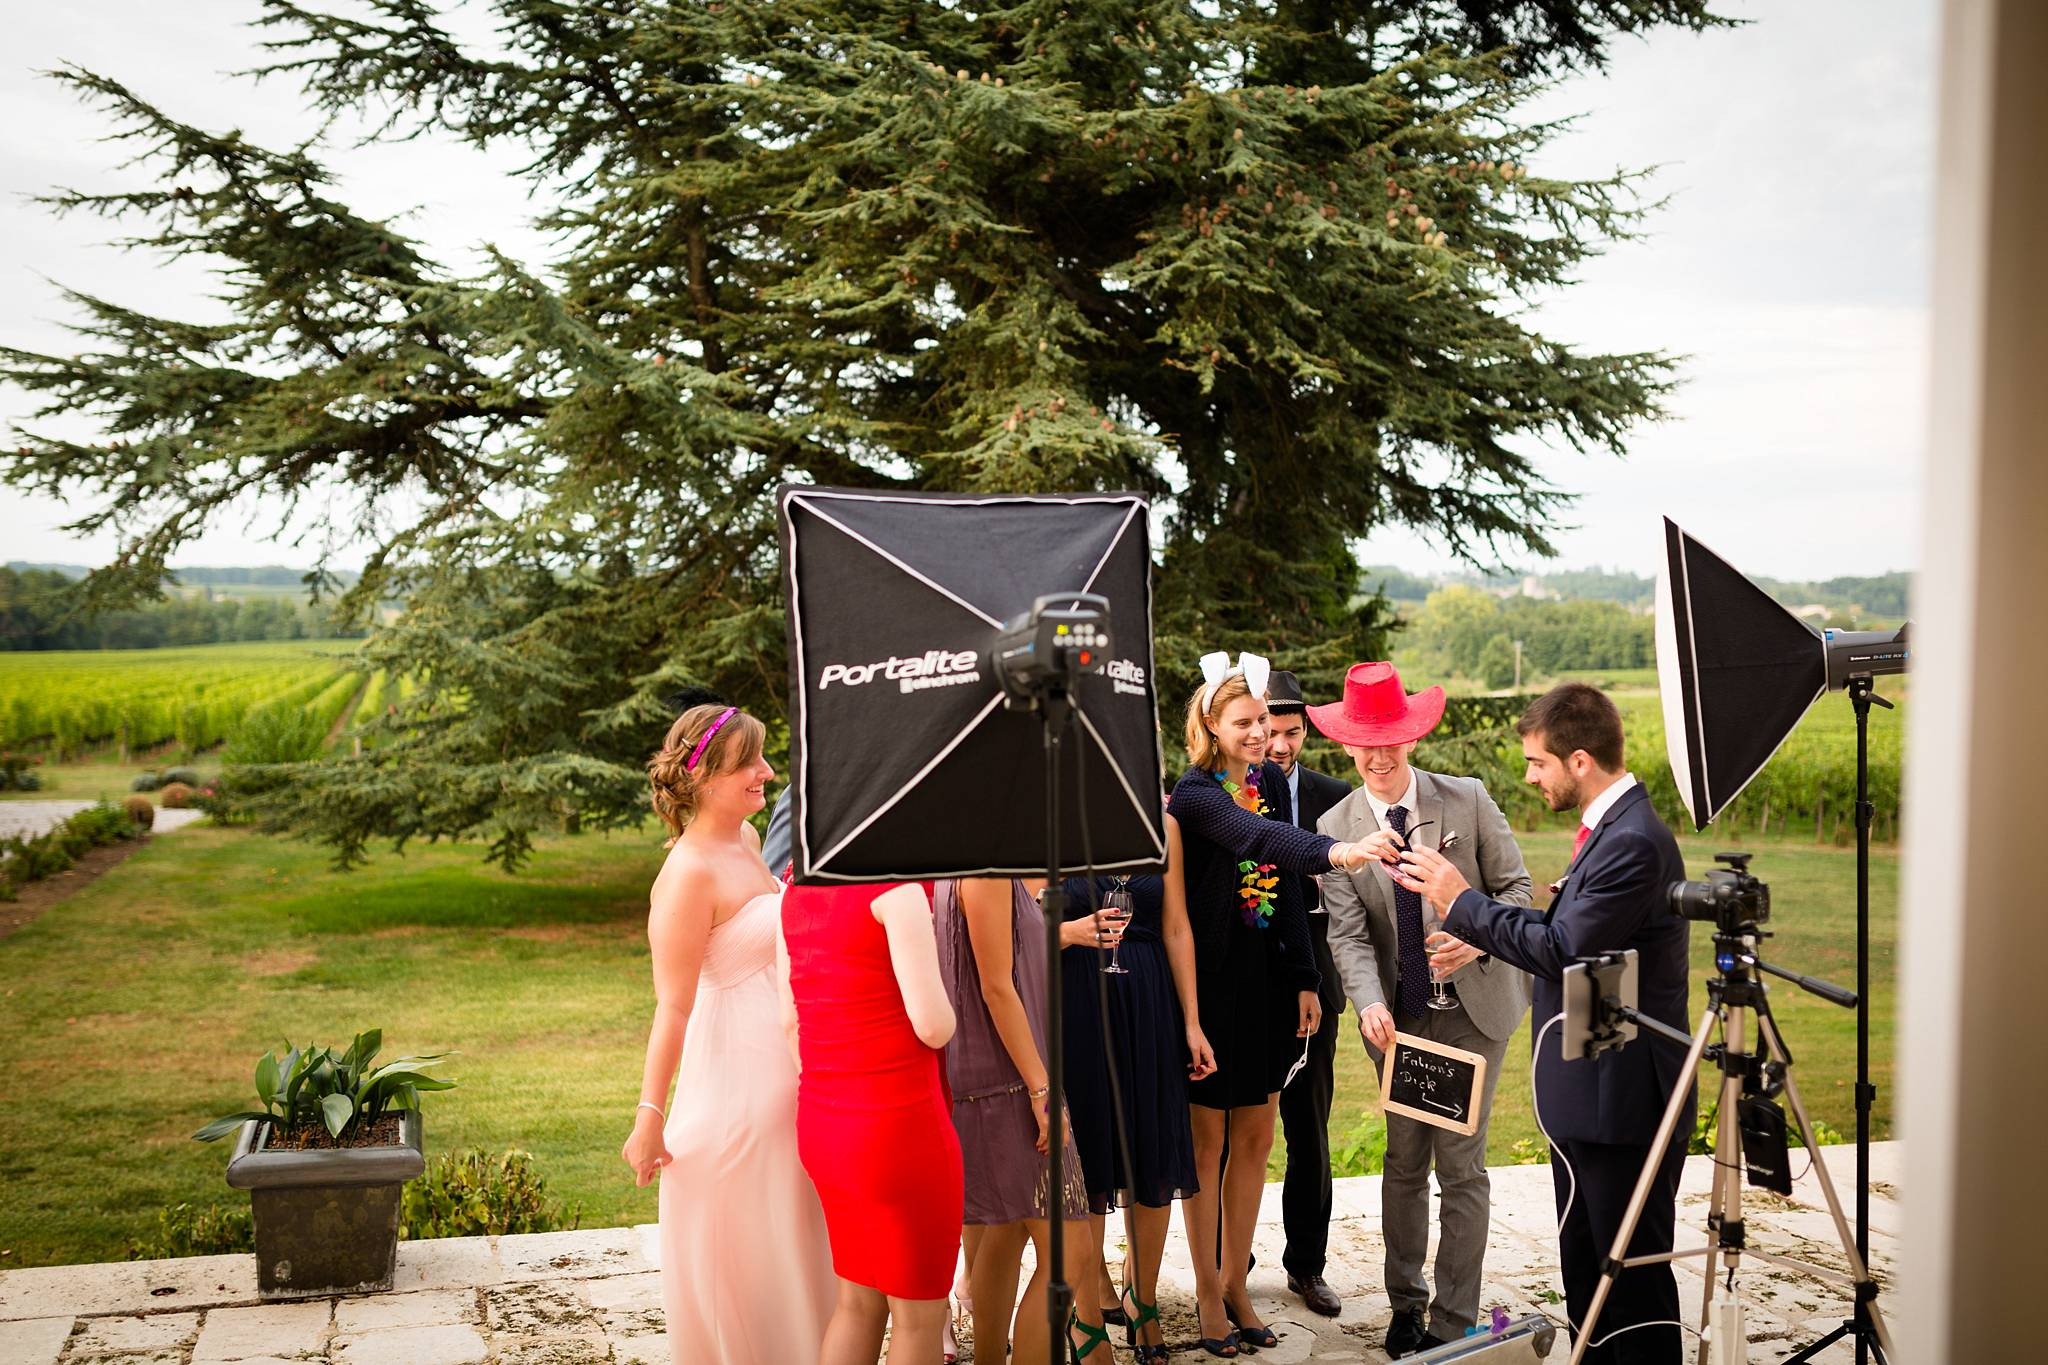 Le photobooth mariage par Alexandre Roschewitz Photographies. Un appareil, des flashs, des accessoires et boucoup de fun !